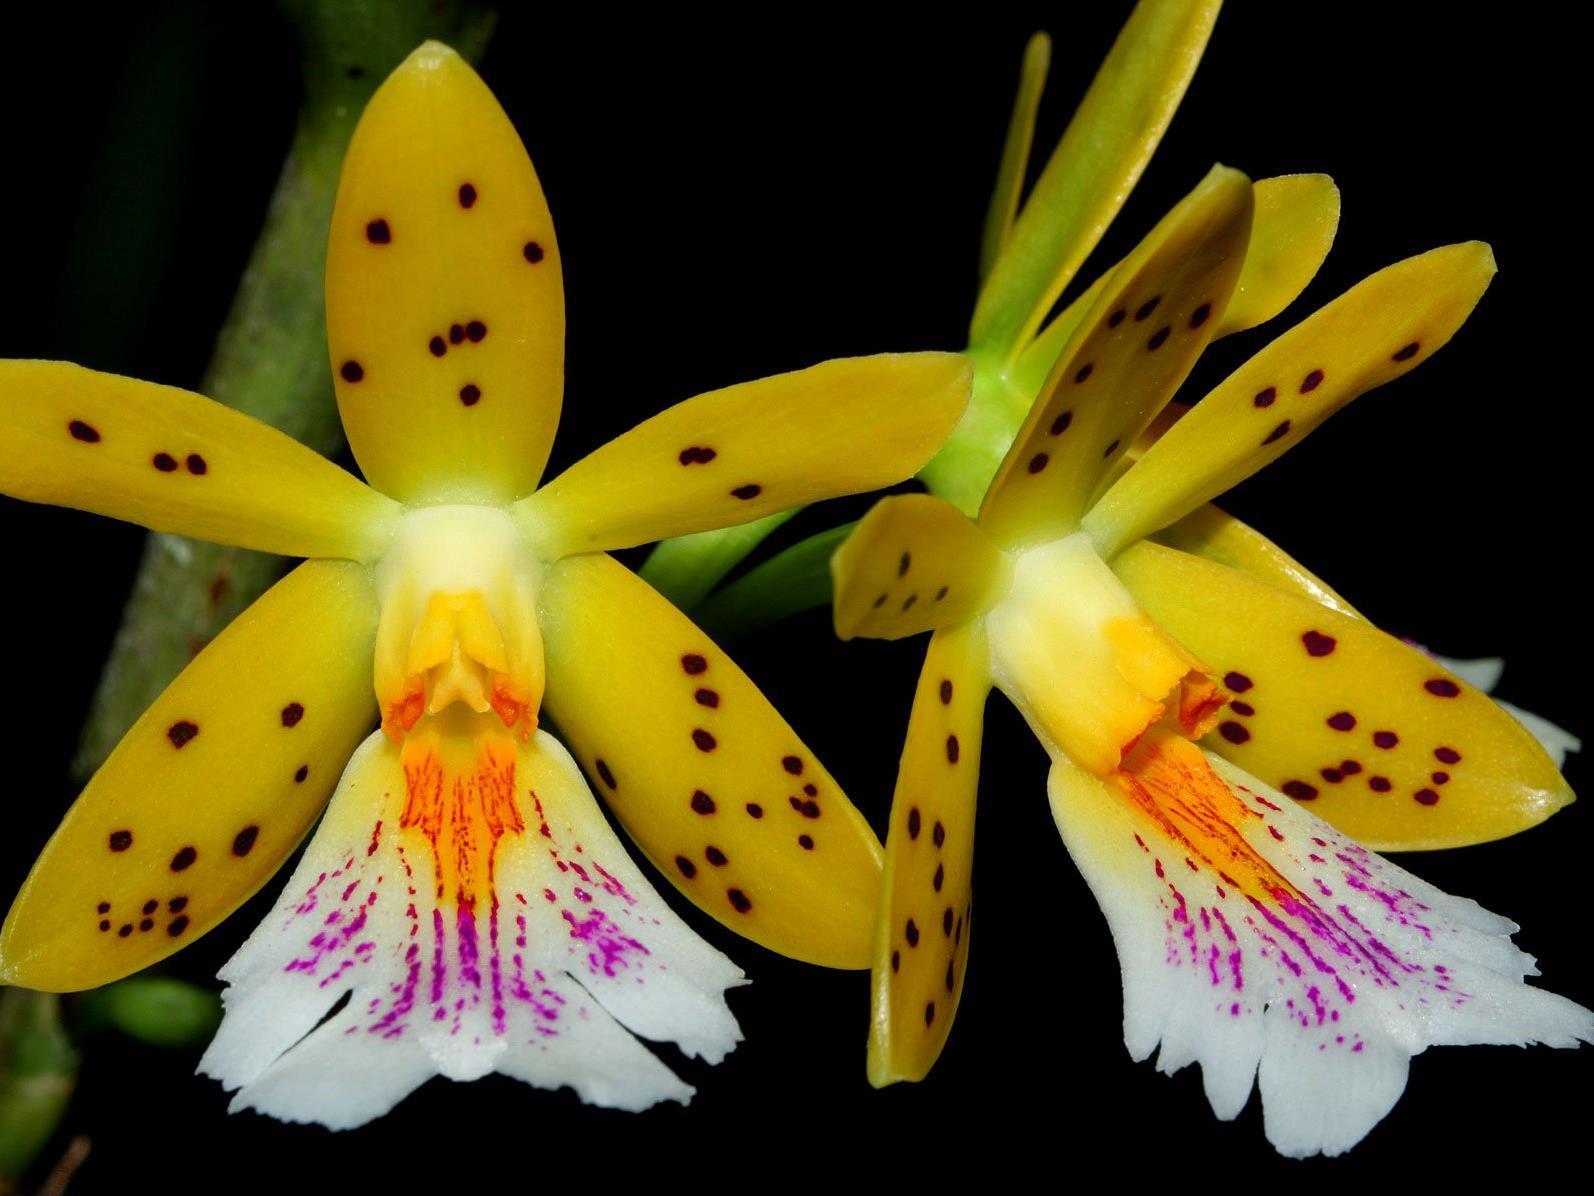 Die Orchidee ist bekannt für ihre schöne Blüte.